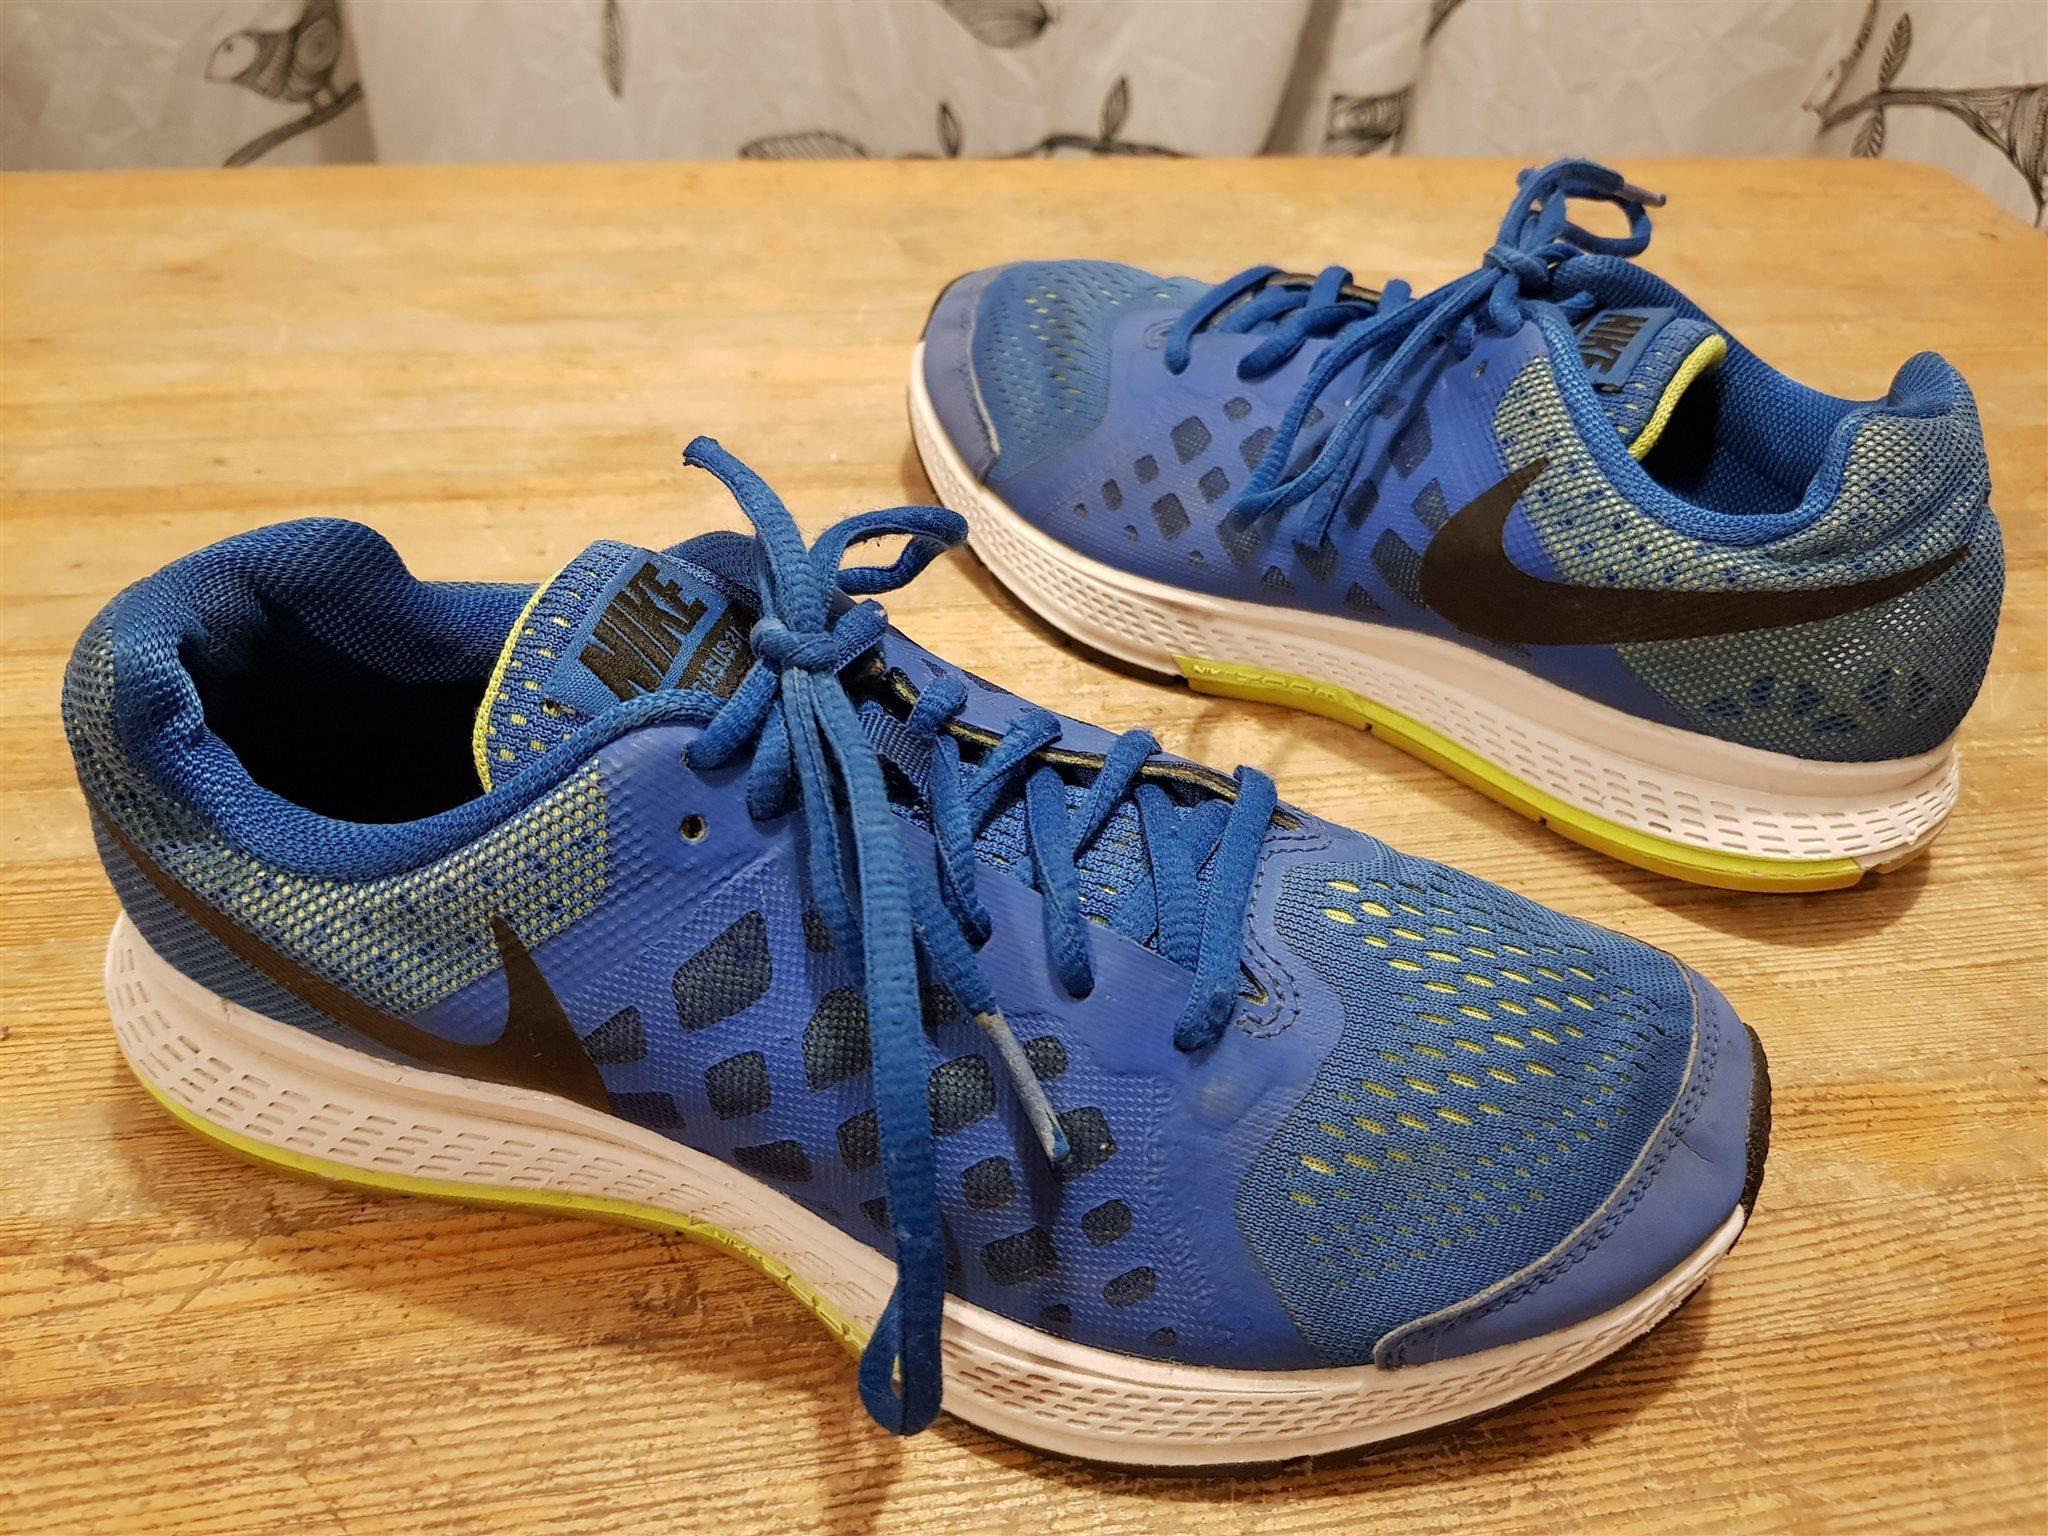 new style 58589 05f32 Löparskor sportskor Nike Zoom Petasus 31 fritidsskor str 36,5 i fint skick